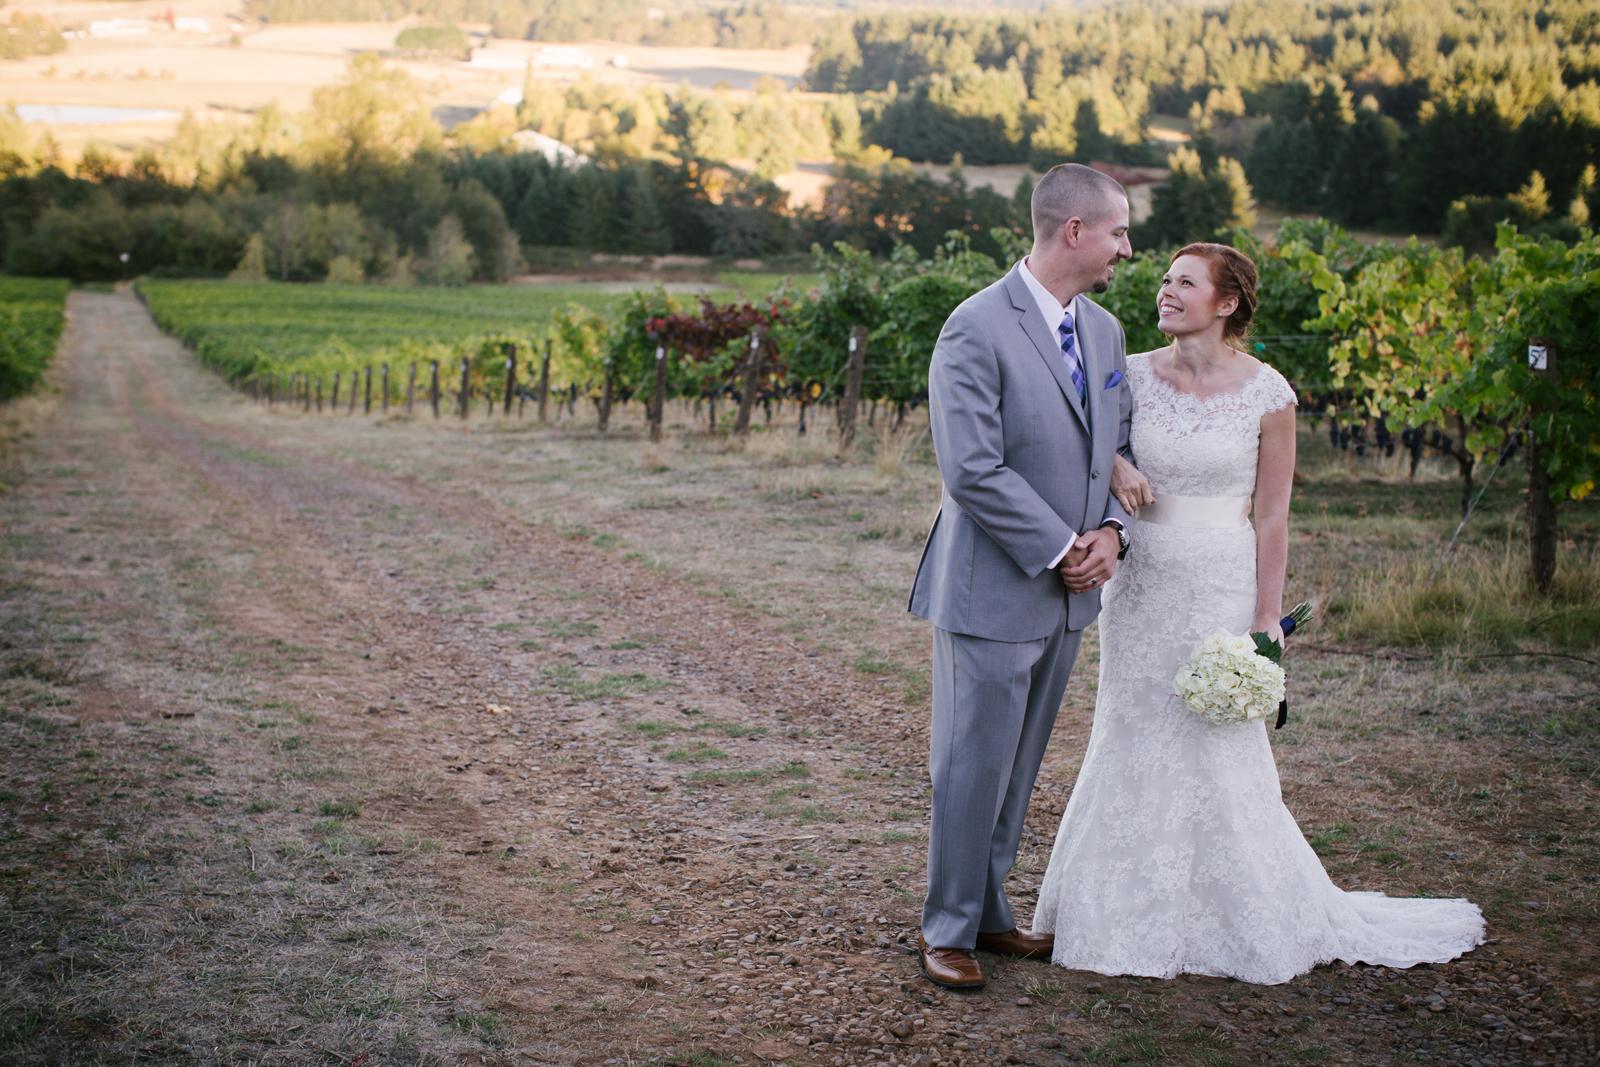 046-daronjackson-rich-wedding.jpg